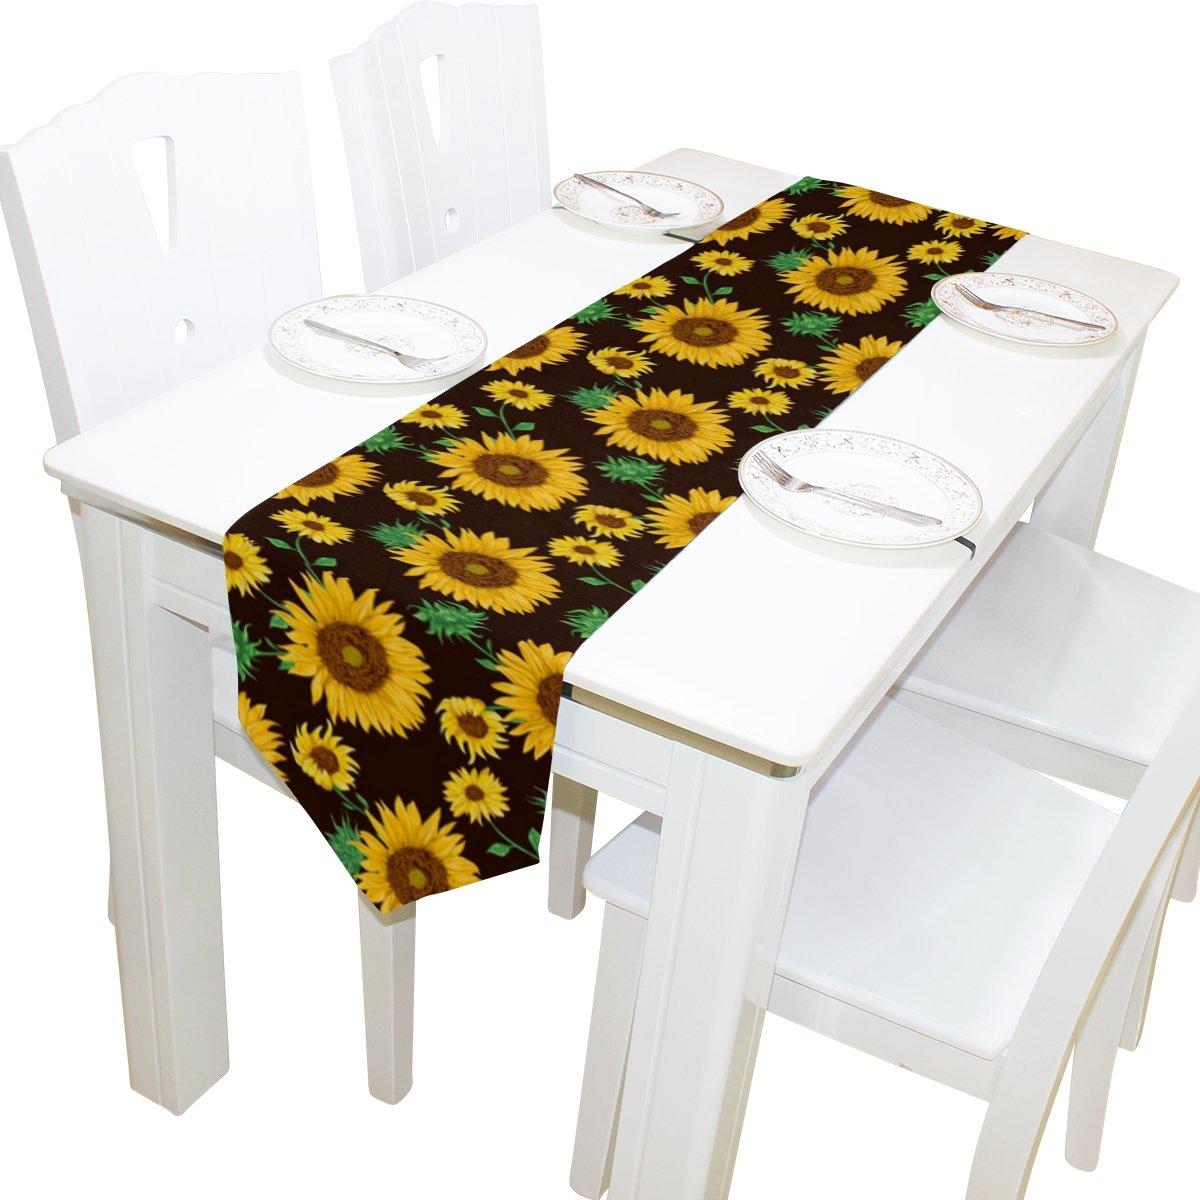 yochoiceテーブルランナーホーム装飾、ヴィンテージイエローひまわりテーブルクロスランナーコーヒーマットforウェディングパーティー宴会装飾13 x 70インチ 13x70 ホワイト 13x70  B074WPXV4H